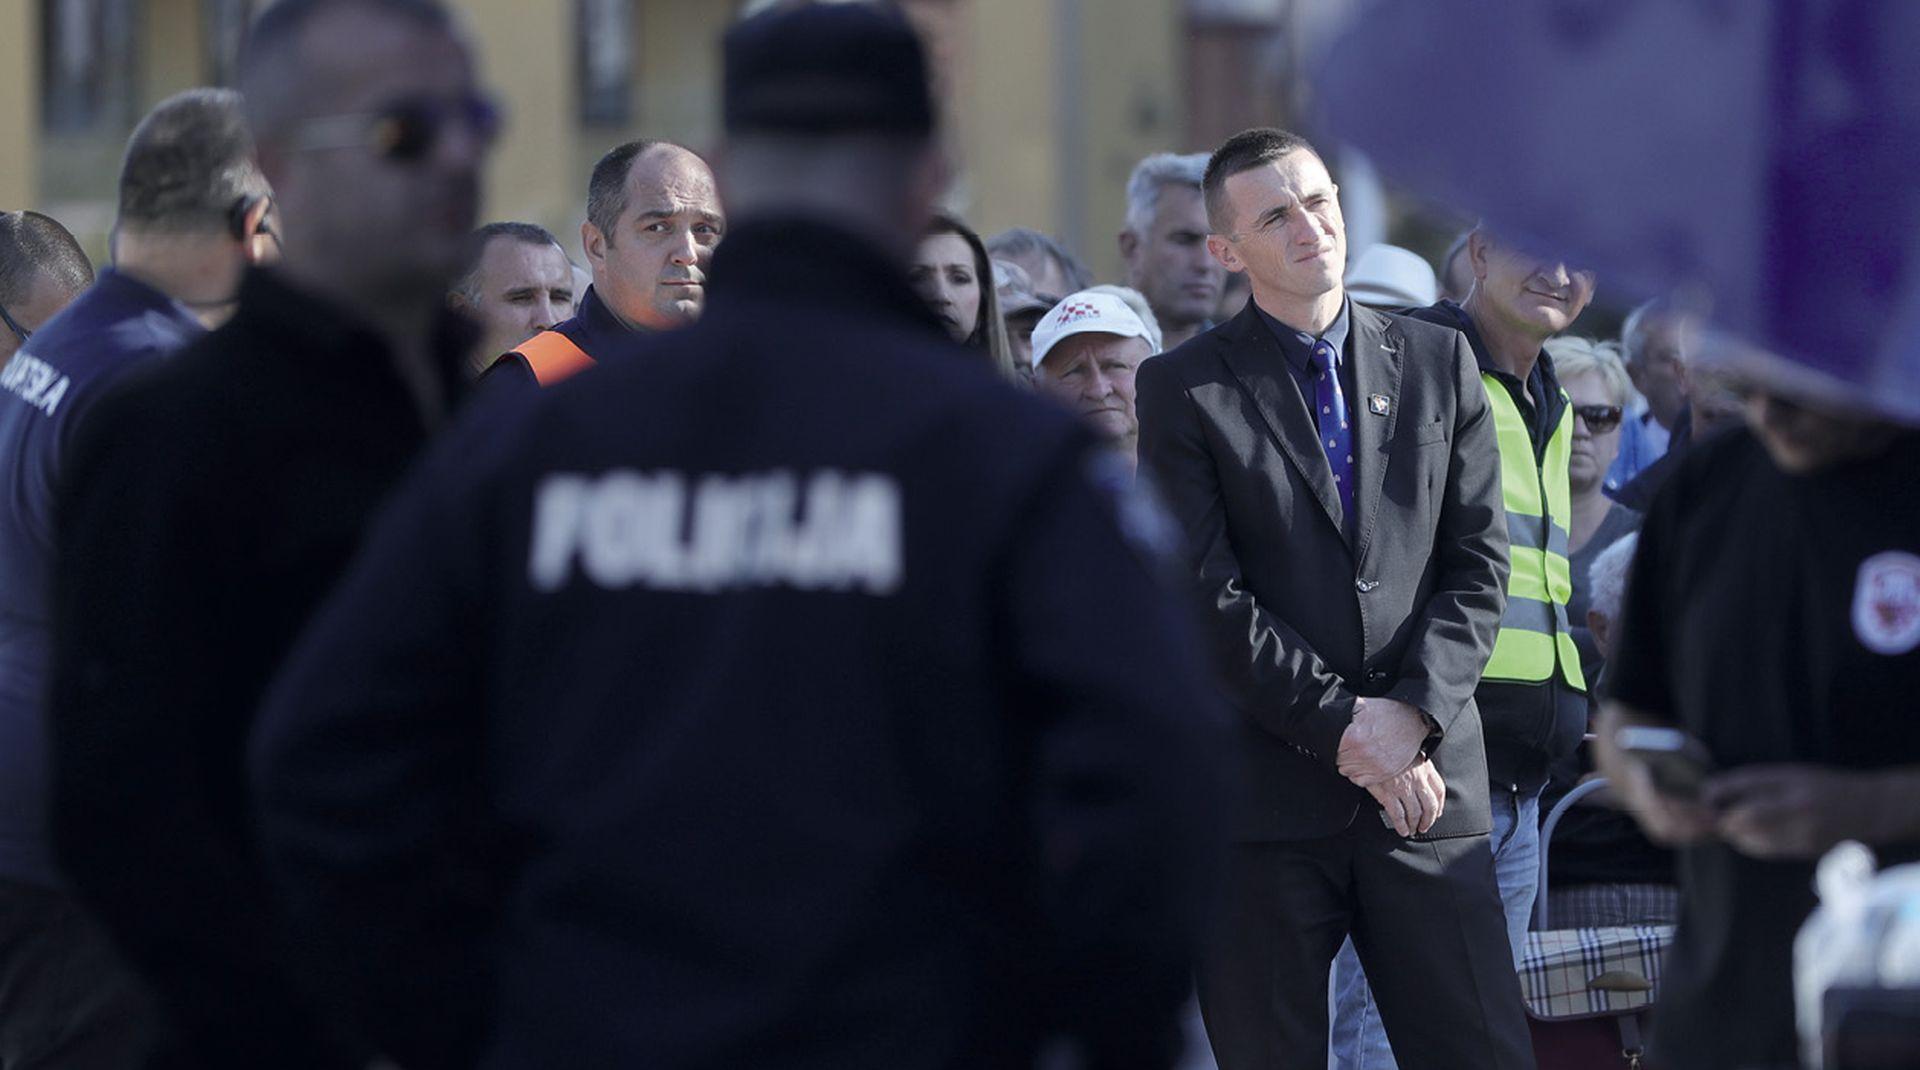 Vukovarski prosvjed ponovno je podijelio Srbe i Hrvate